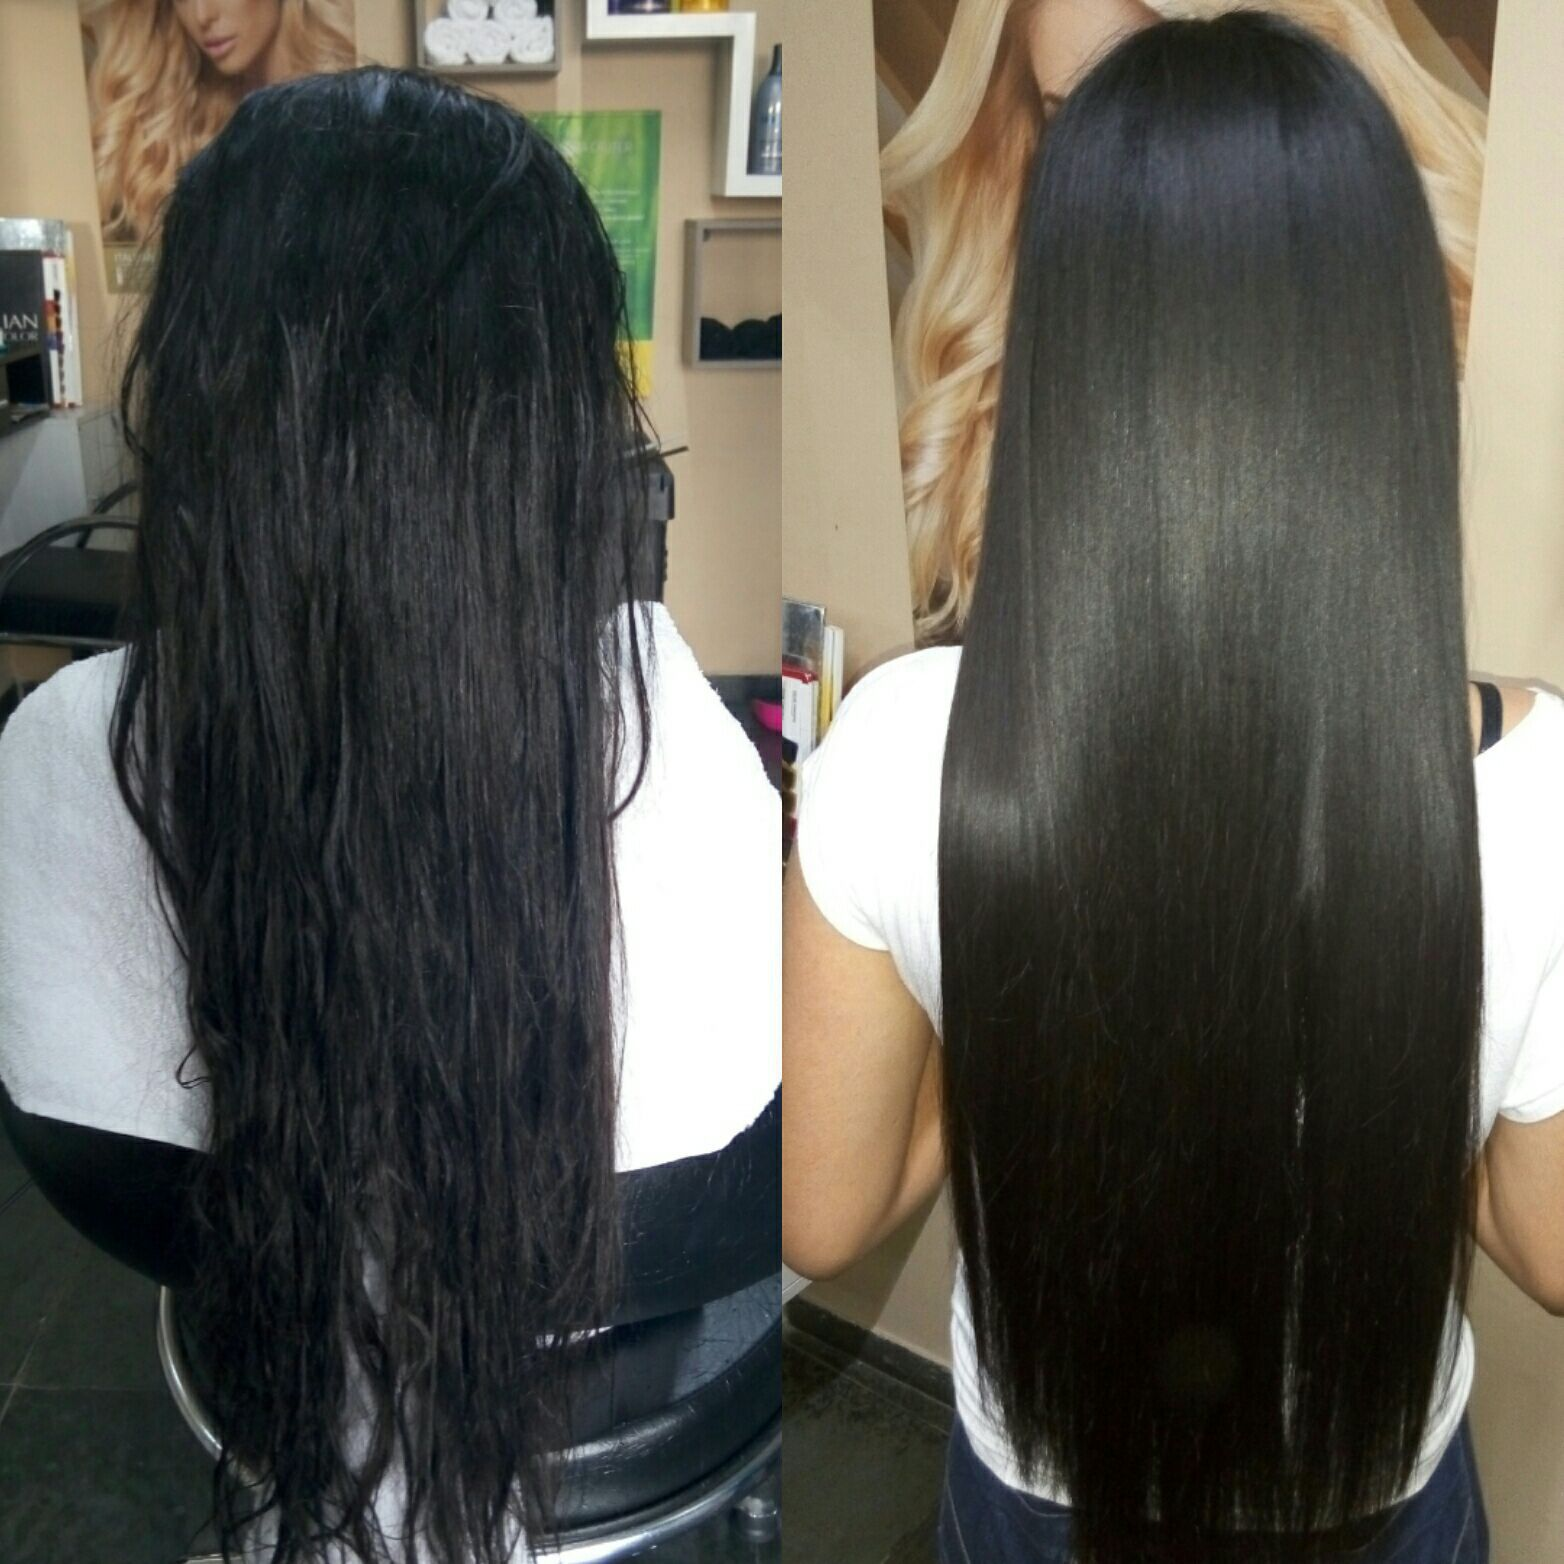 Escova Progressiva Portier Cacao ❤ cabelo auxiliar cabeleireiro(a) cabeleireiro(a) auxiliar cabeleireiro(a)